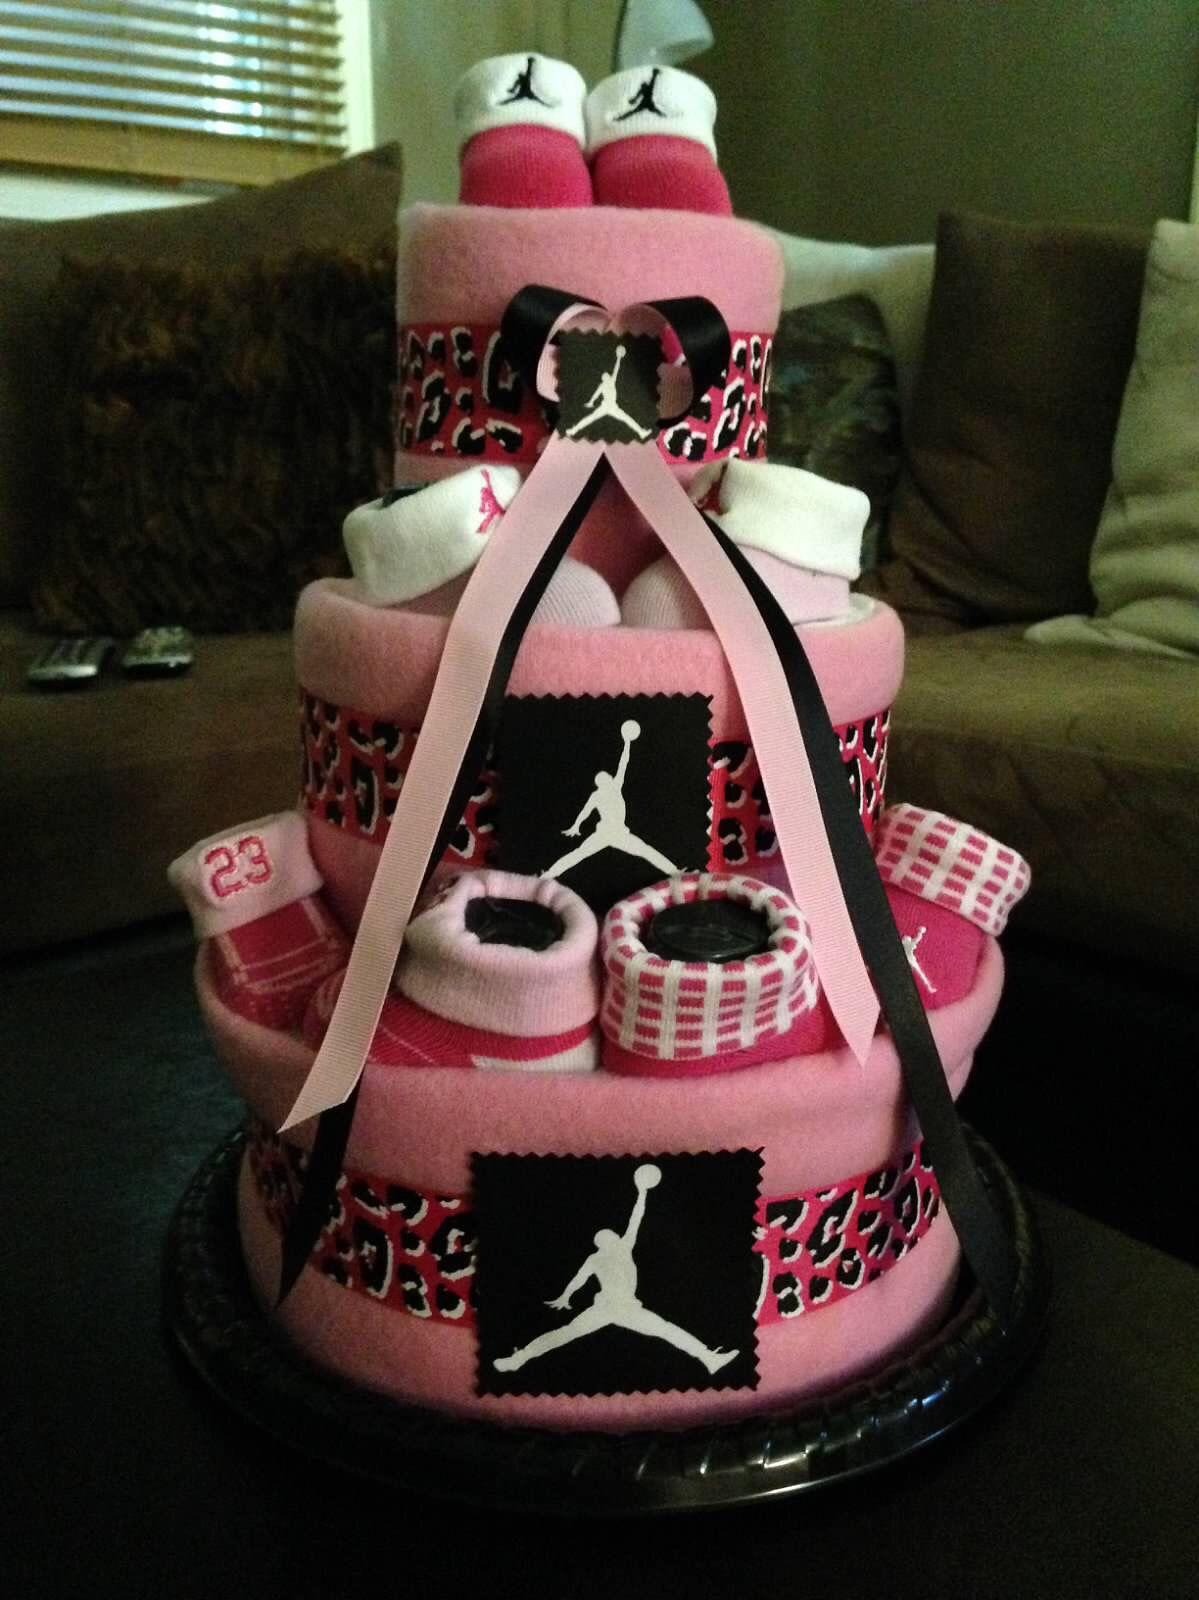 Michael Jordan Inspired Diaper Cake Michael Jordan inspired diaper